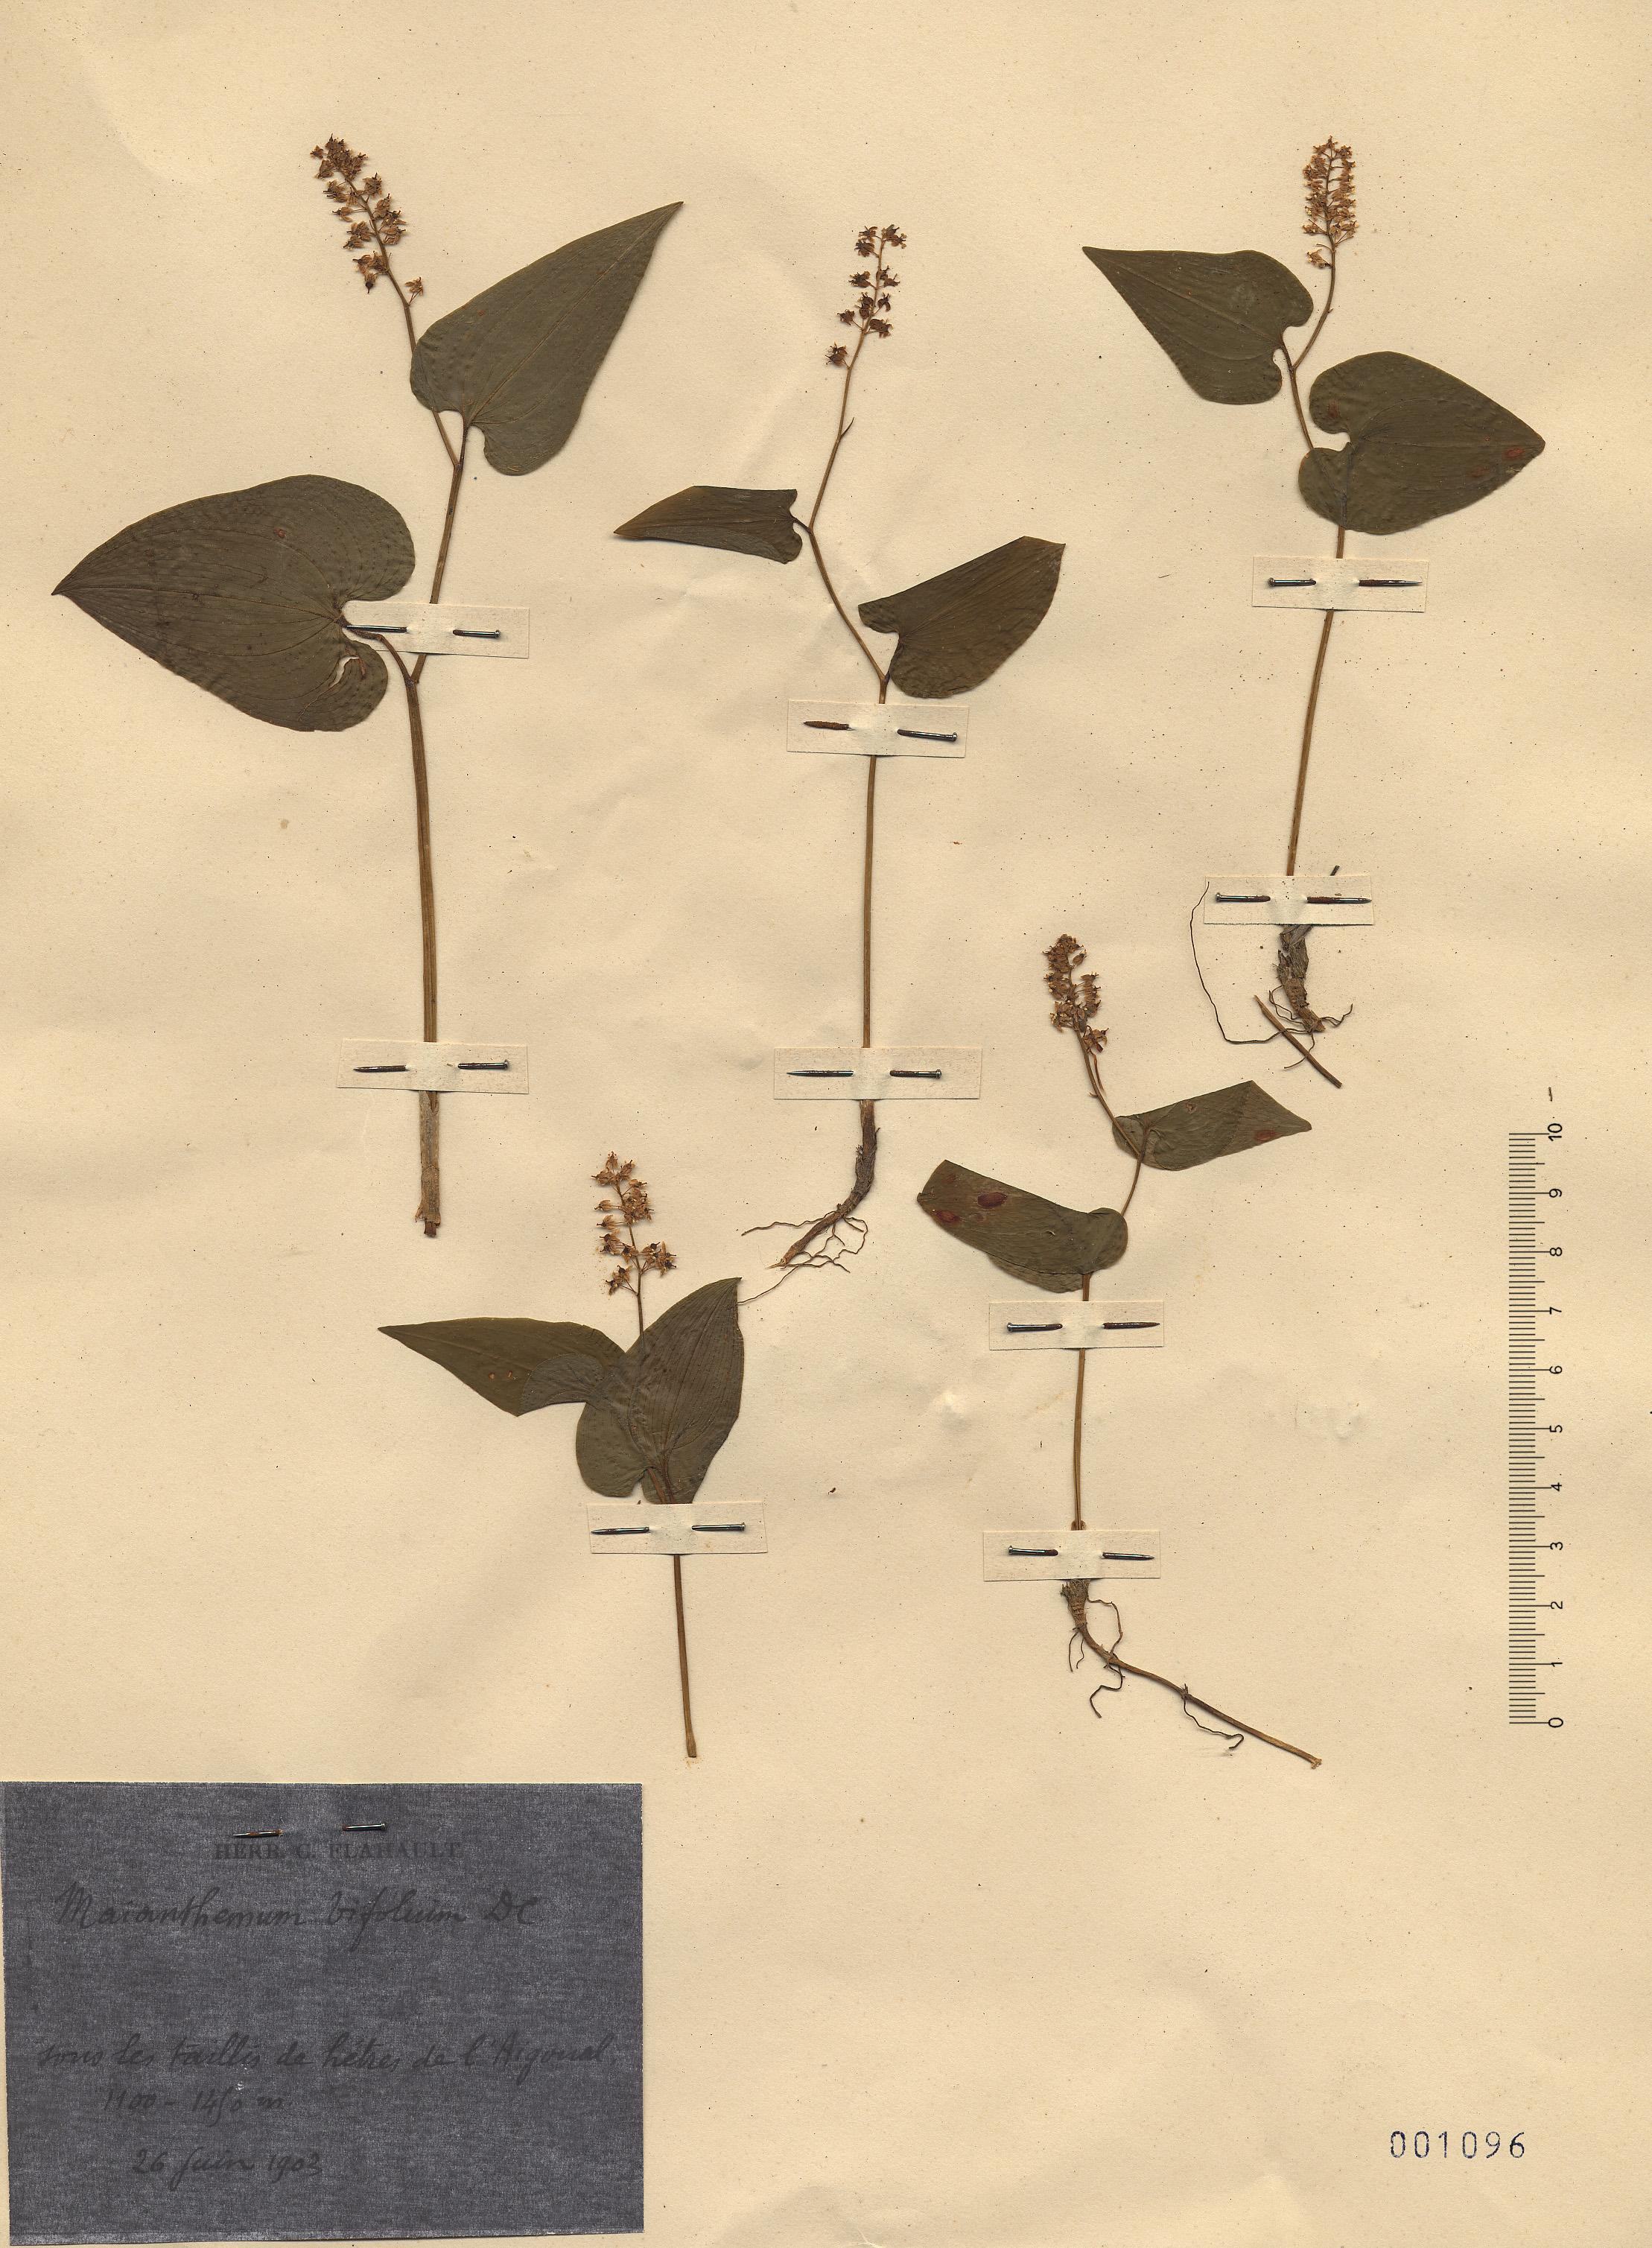 © Hortus Botanicus Catinensis - Herb. sheet 001096<br>